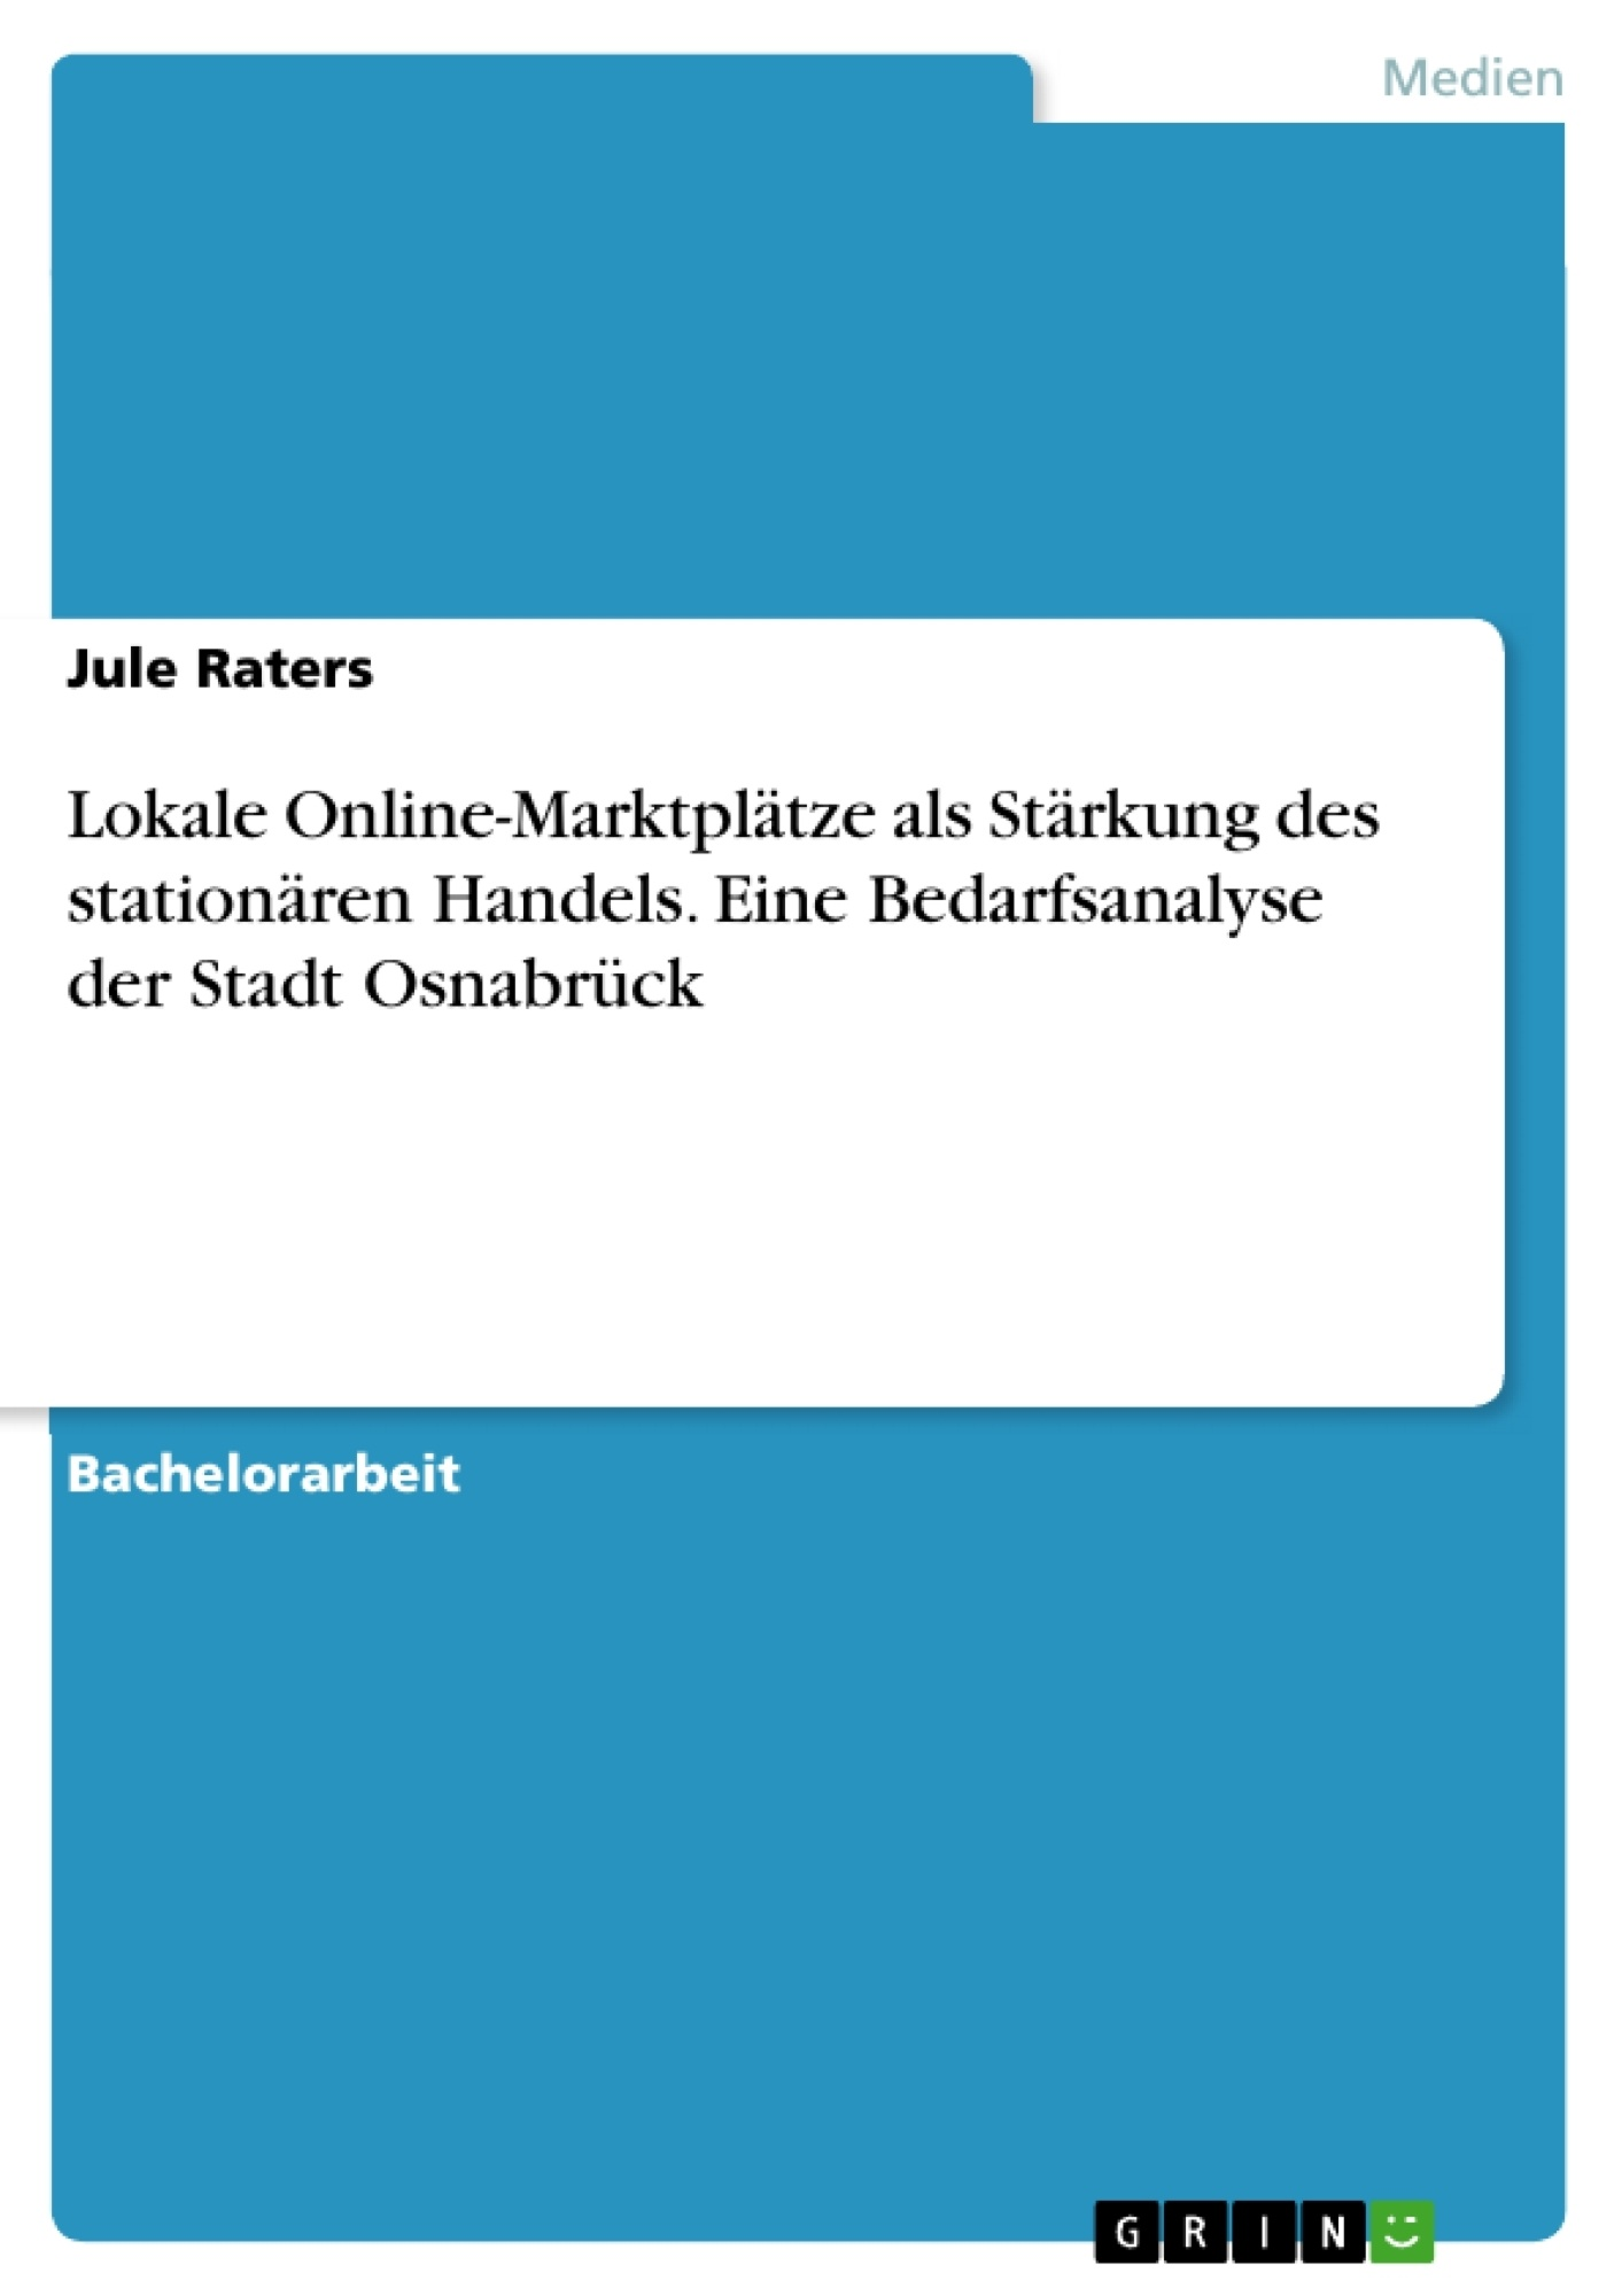 Titel: Lokale Online-Marktplätze als Stärkung des stationären Handels. Eine Bedarfsanalyse der Stadt Osnabrück